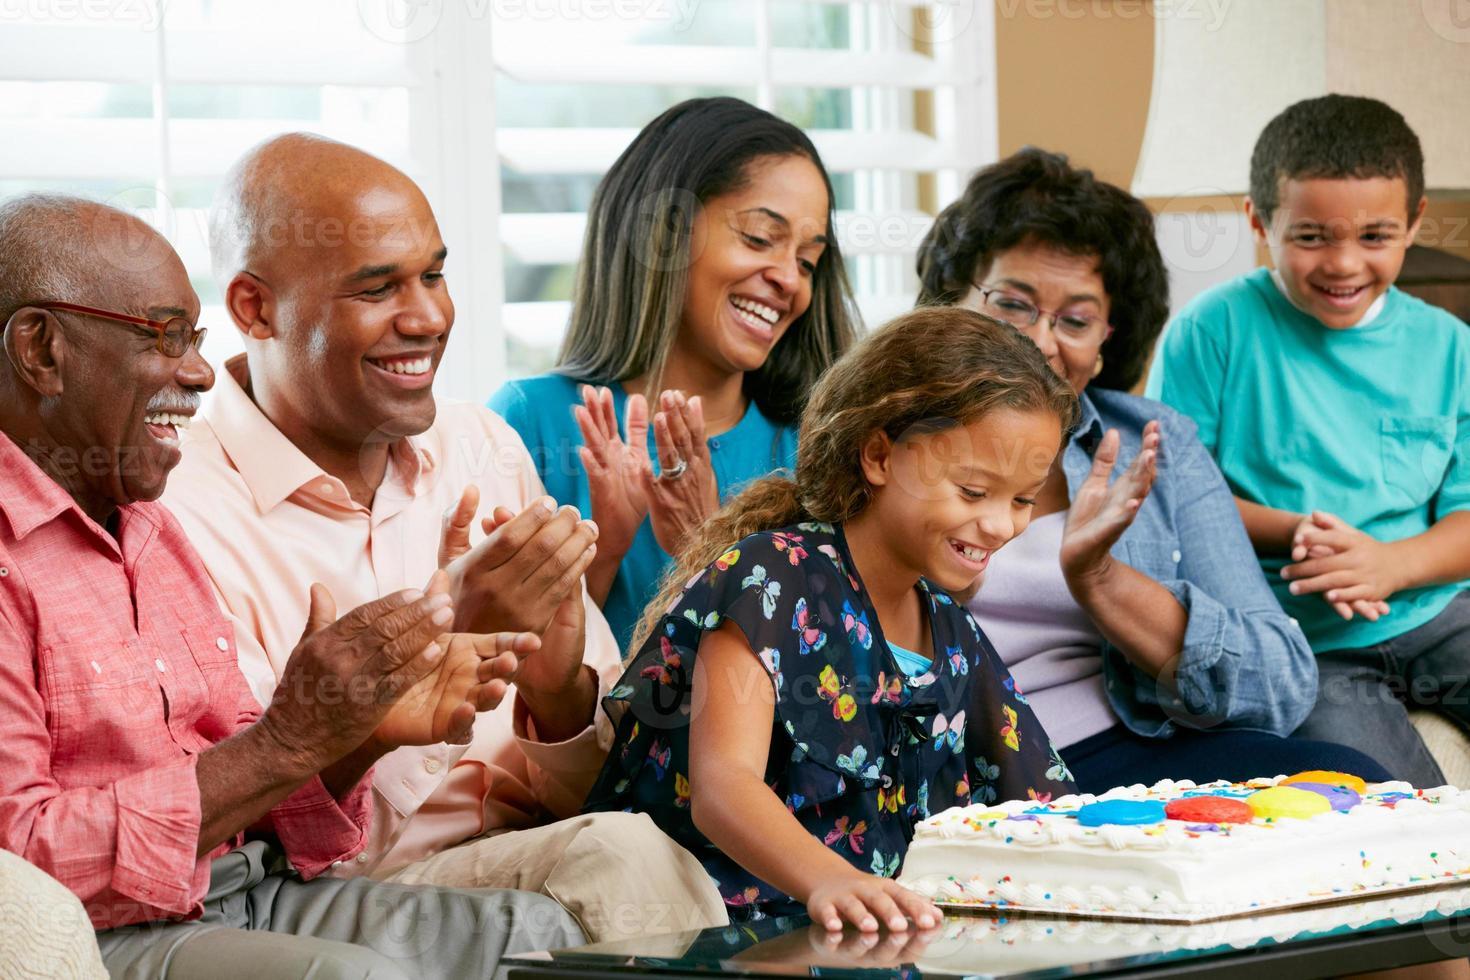 famiglia di diverse generazioni che celebra il compleanno della figlia foto